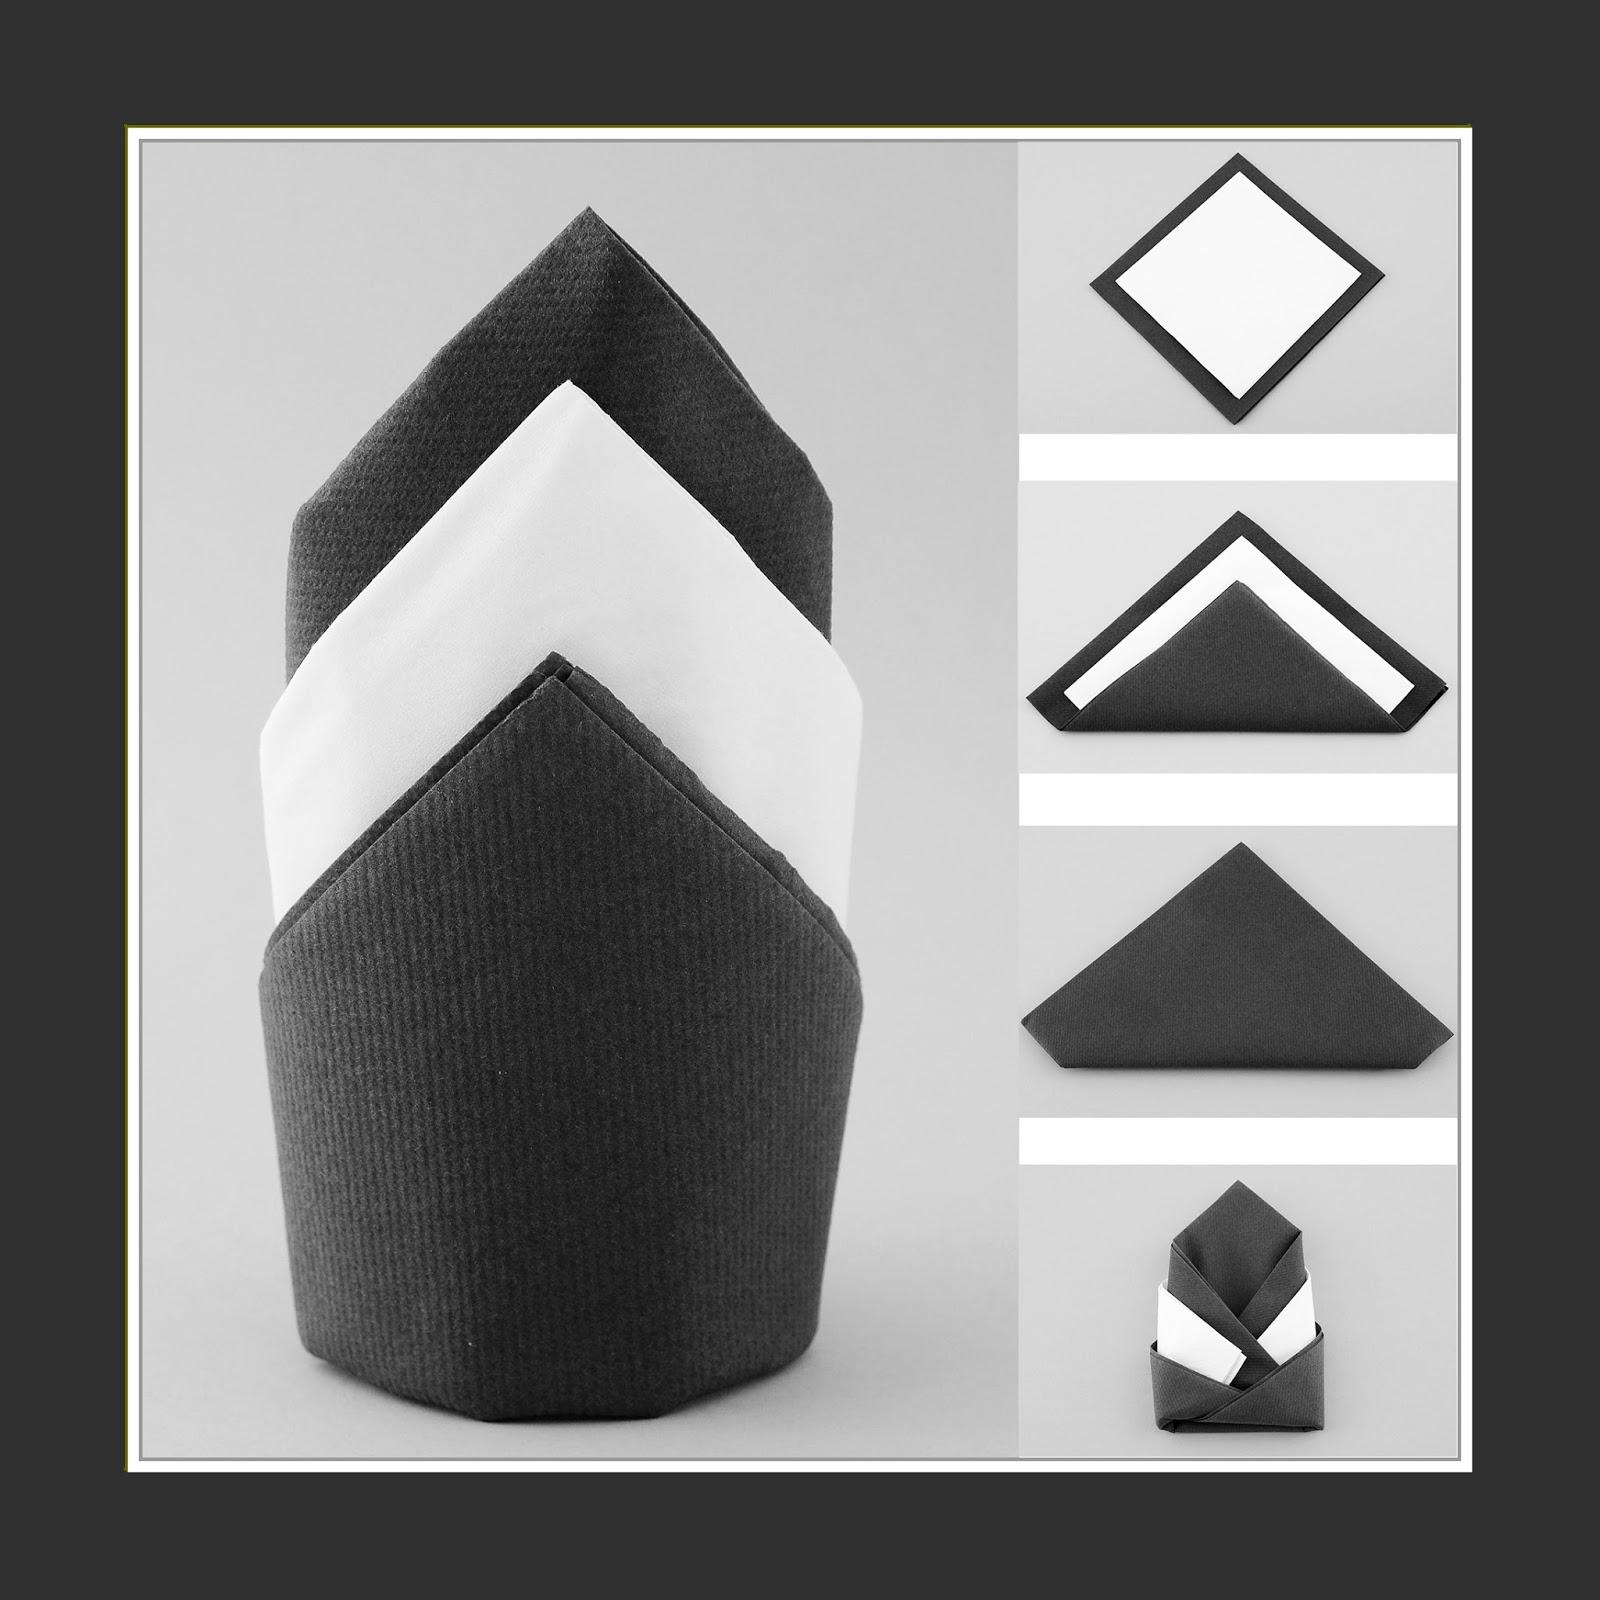 dekoration russische hochzeit swadba. Black Bedroom Furniture Sets. Home Design Ideas